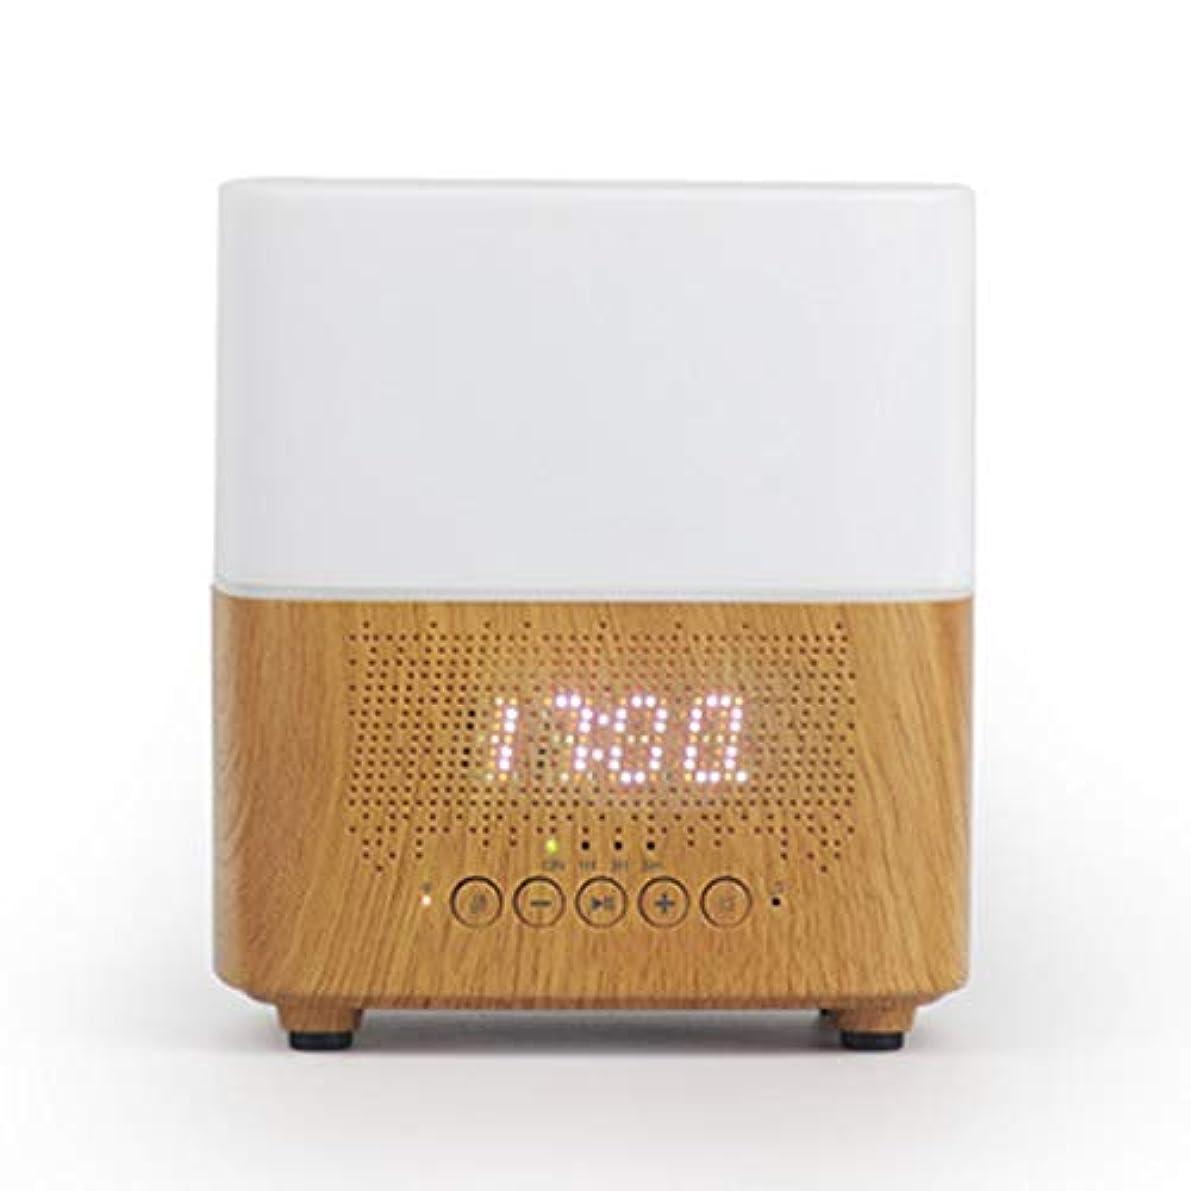 正確さ有効化打倒ブルートゥースのスピーカー機械LED時計の目覚まし時計の夜ライト加湿器 (Color : White)